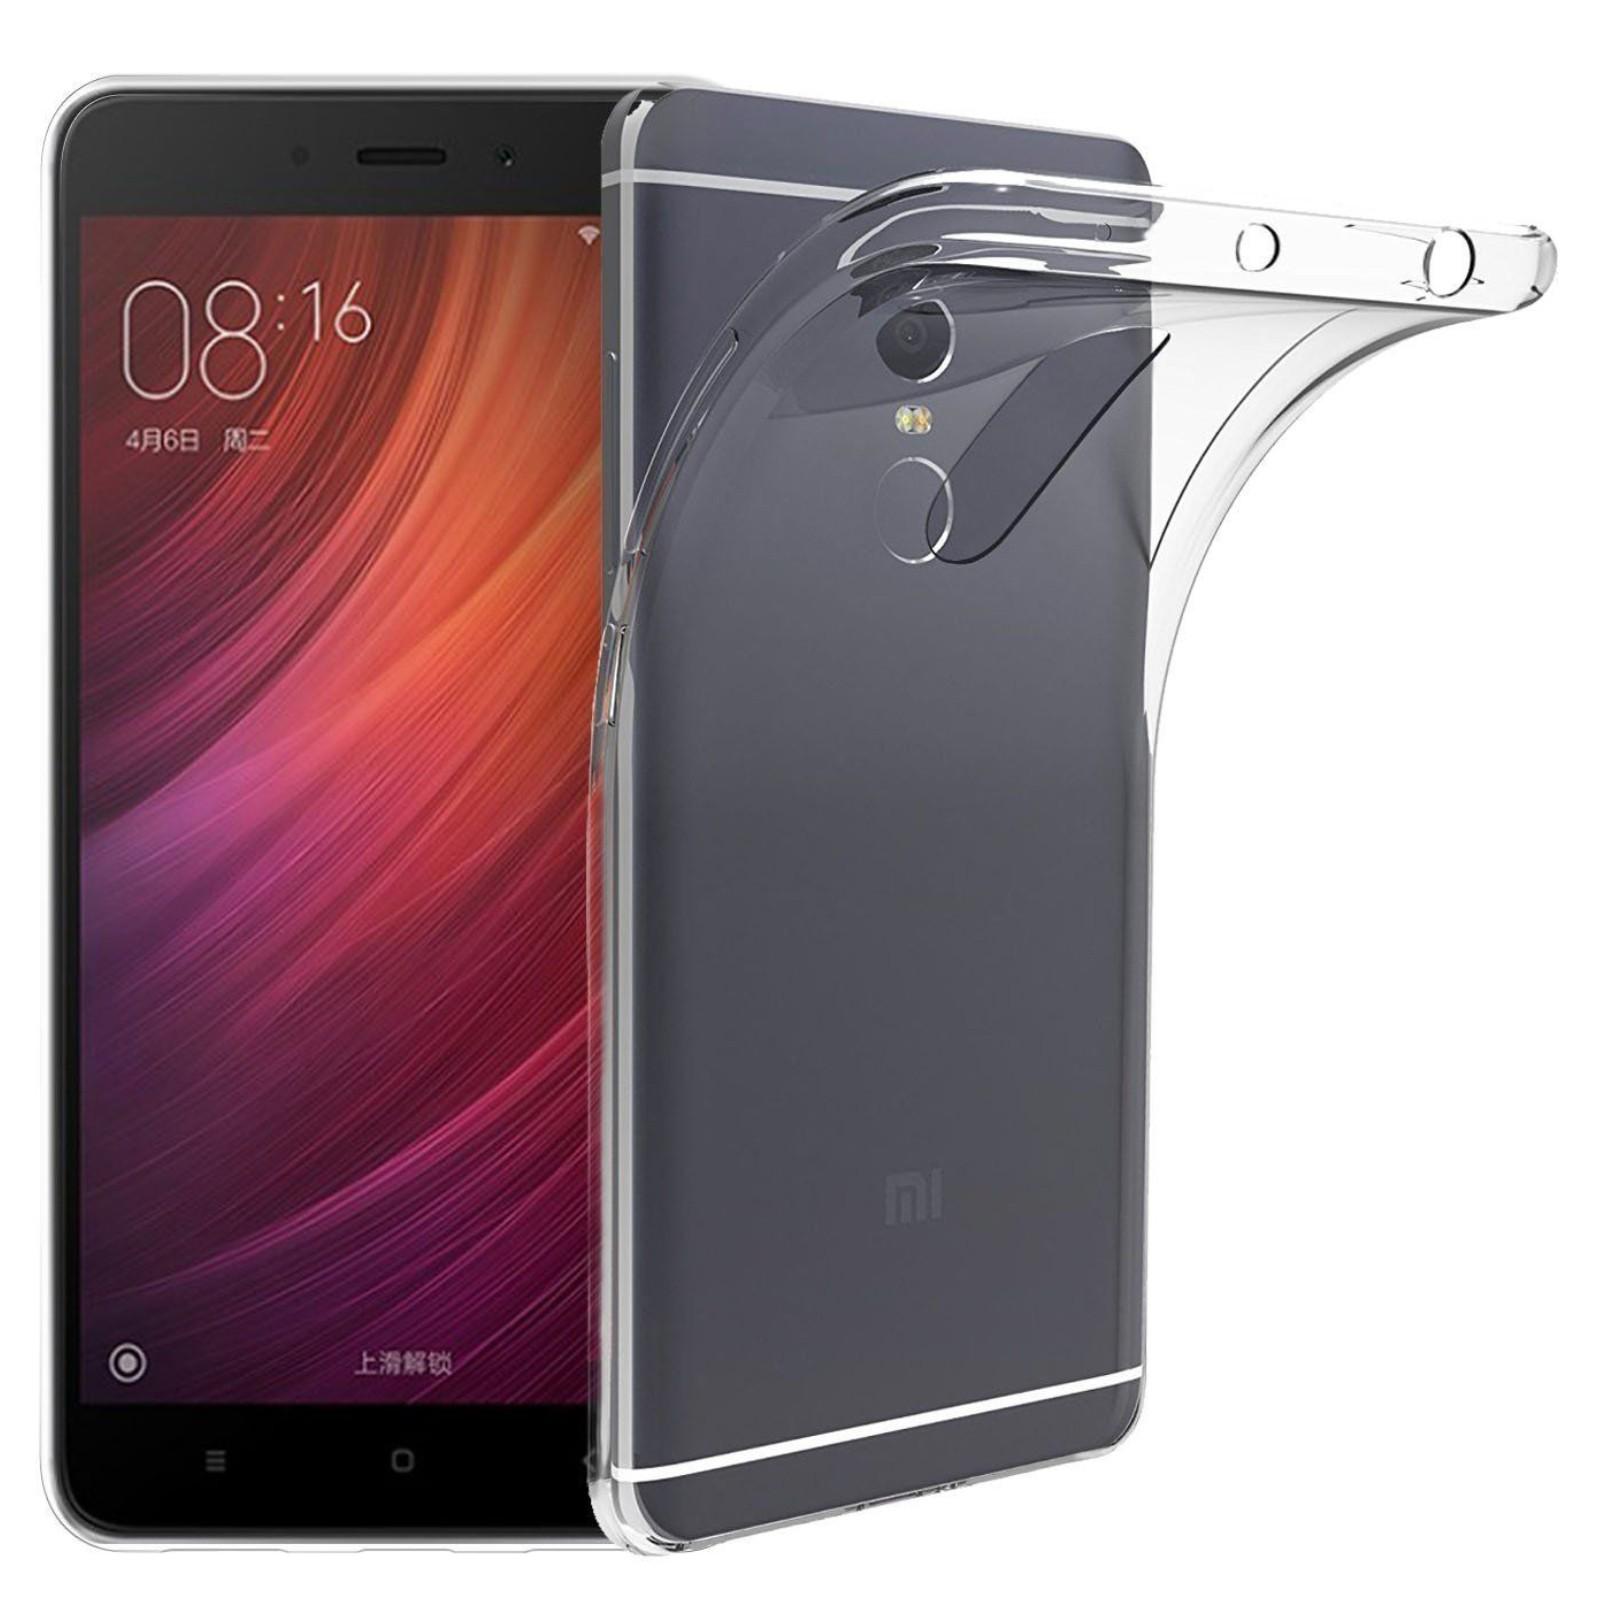 Funda de gel TPU carcasa silicona para Xiaomi Redmi Note 4 Transparente